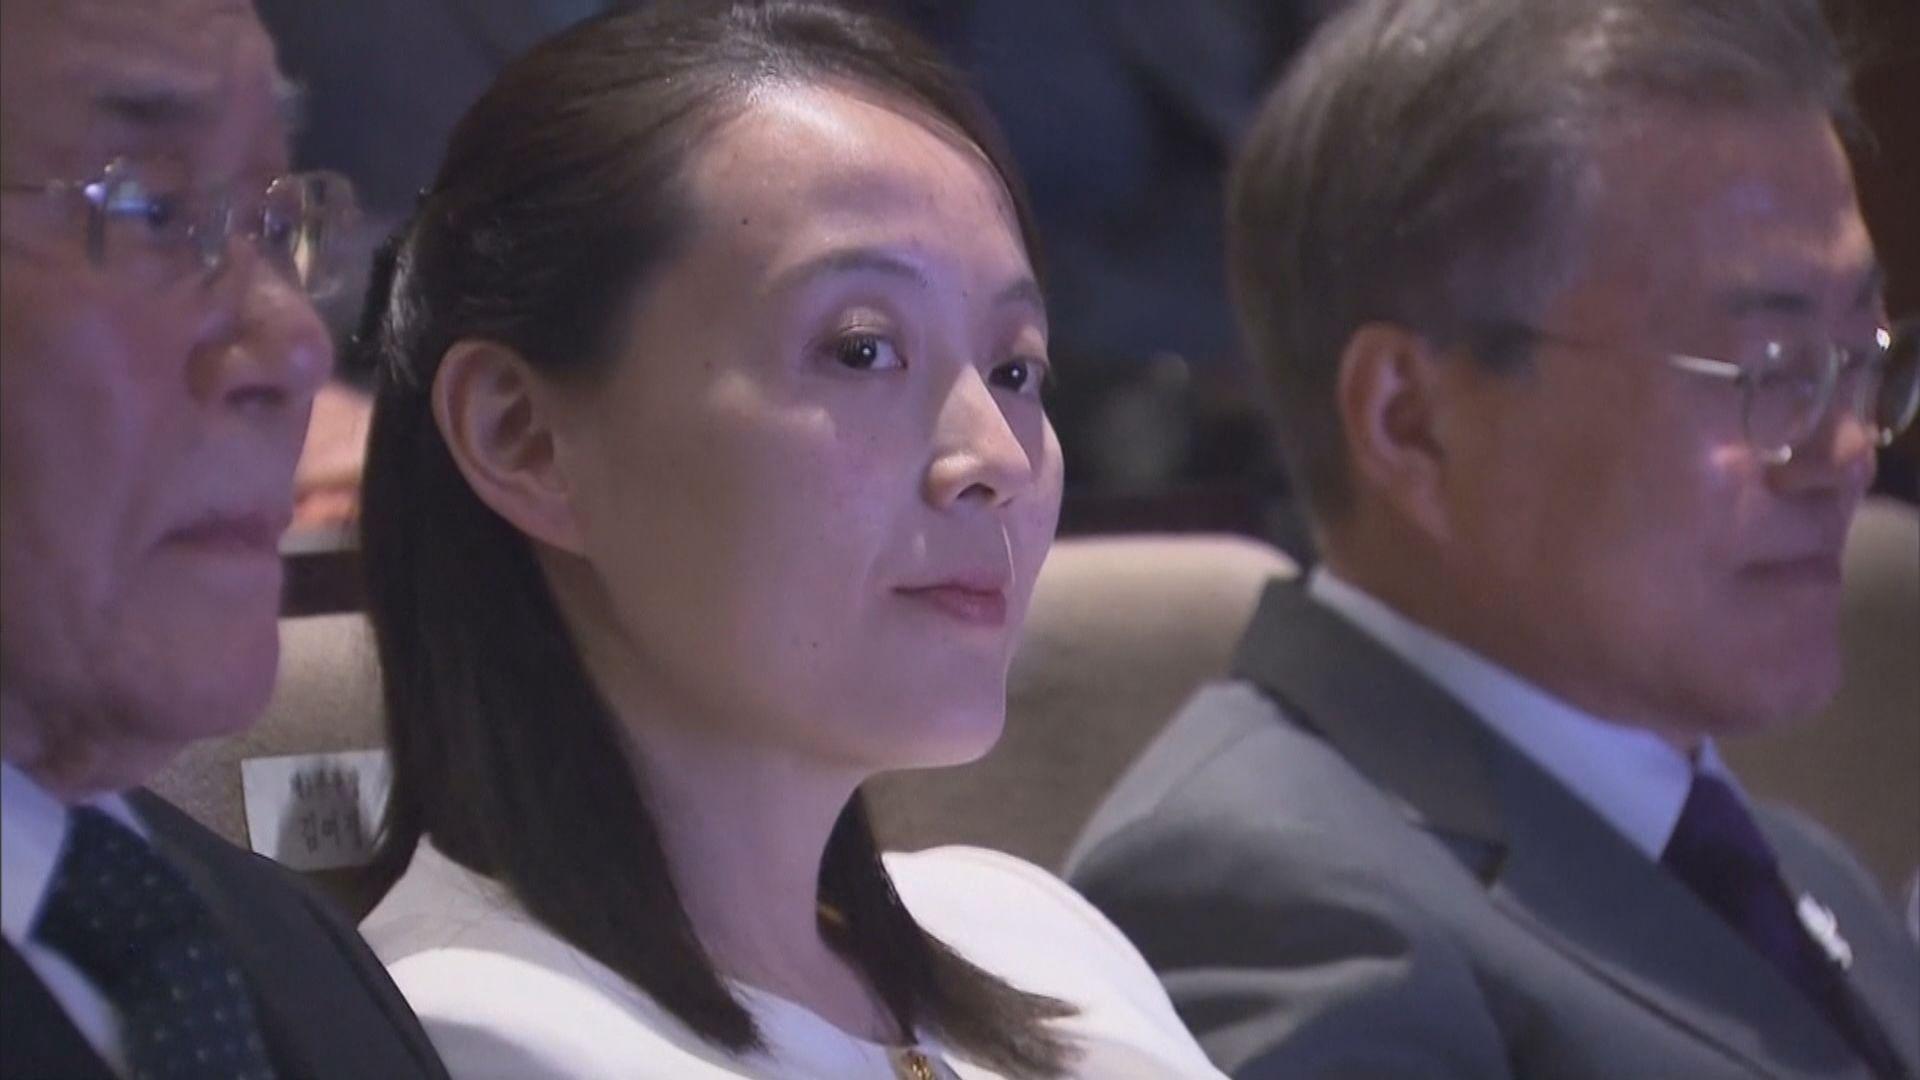 金與正指北韓或考慮參與兩韓首腦峰會 前提是互相尊重